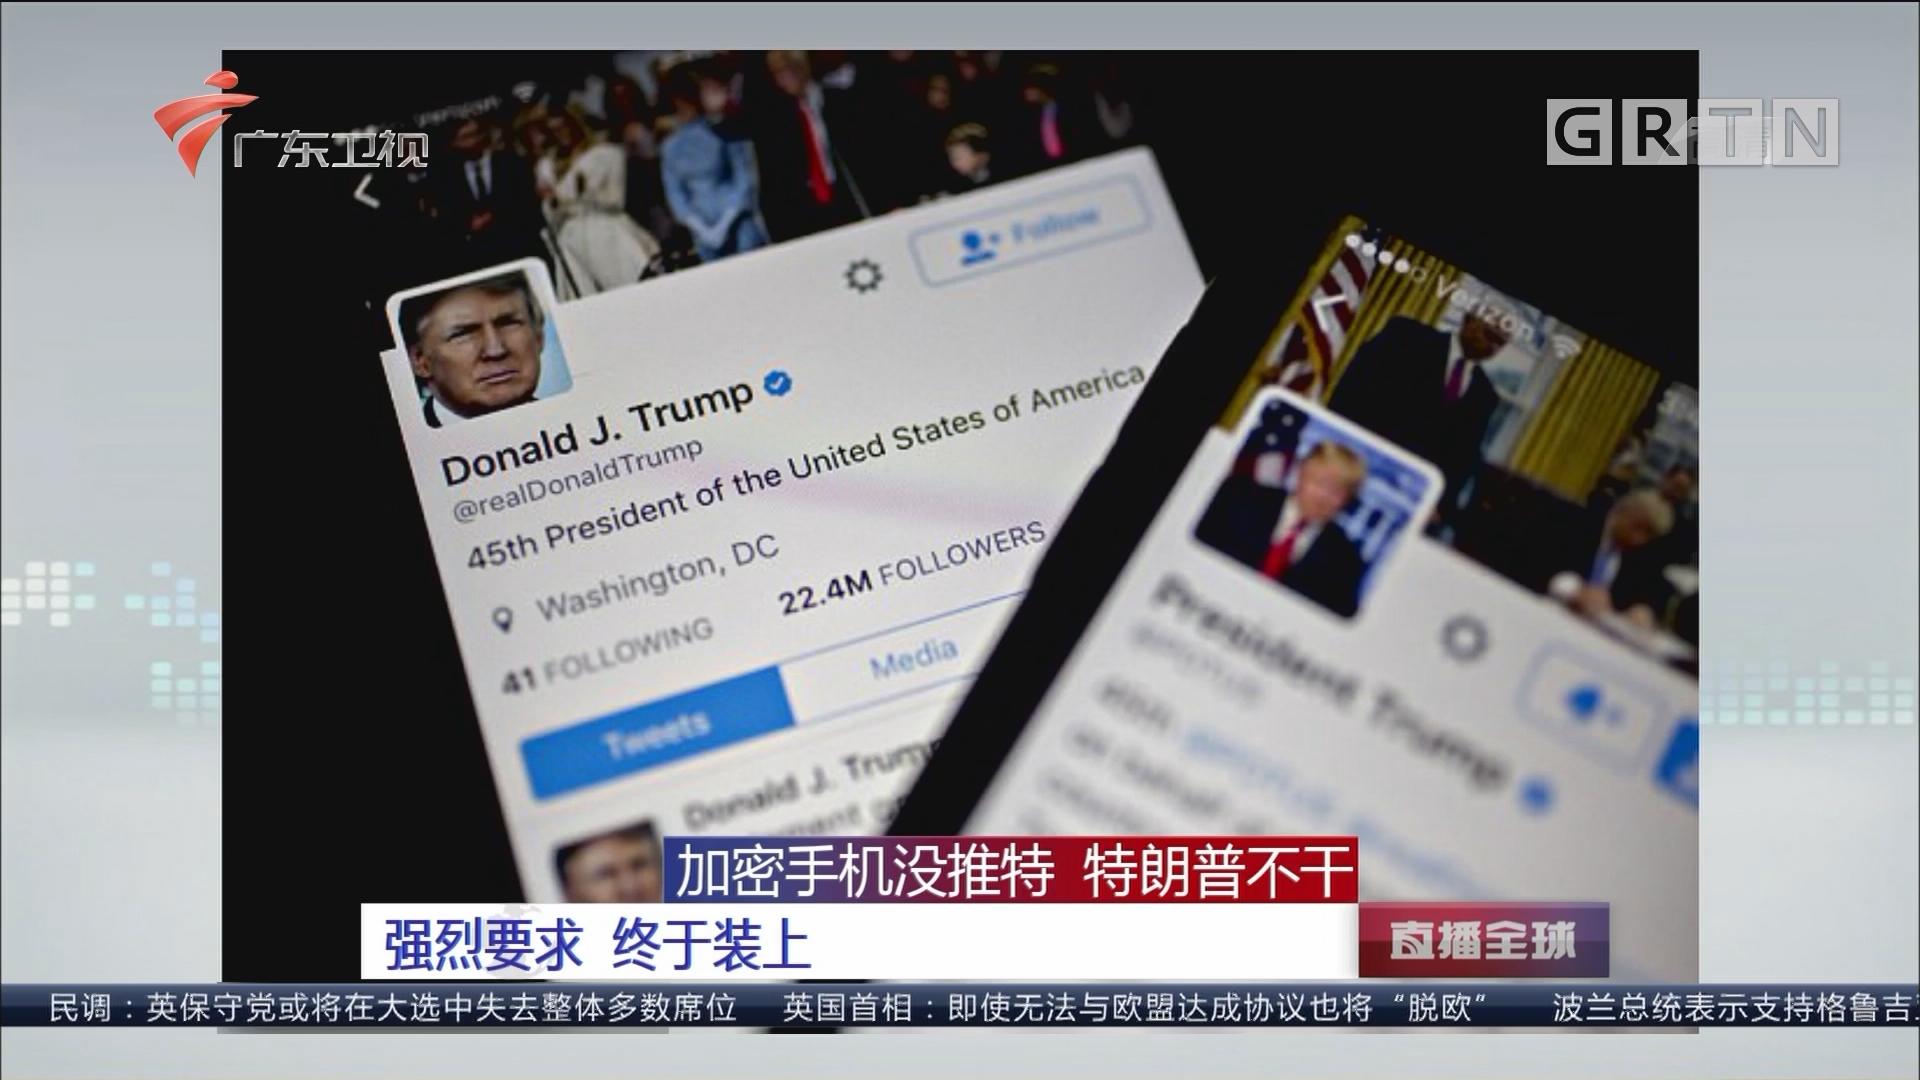 加密手机没推特 特朗普不干 强烈要求 终于装上